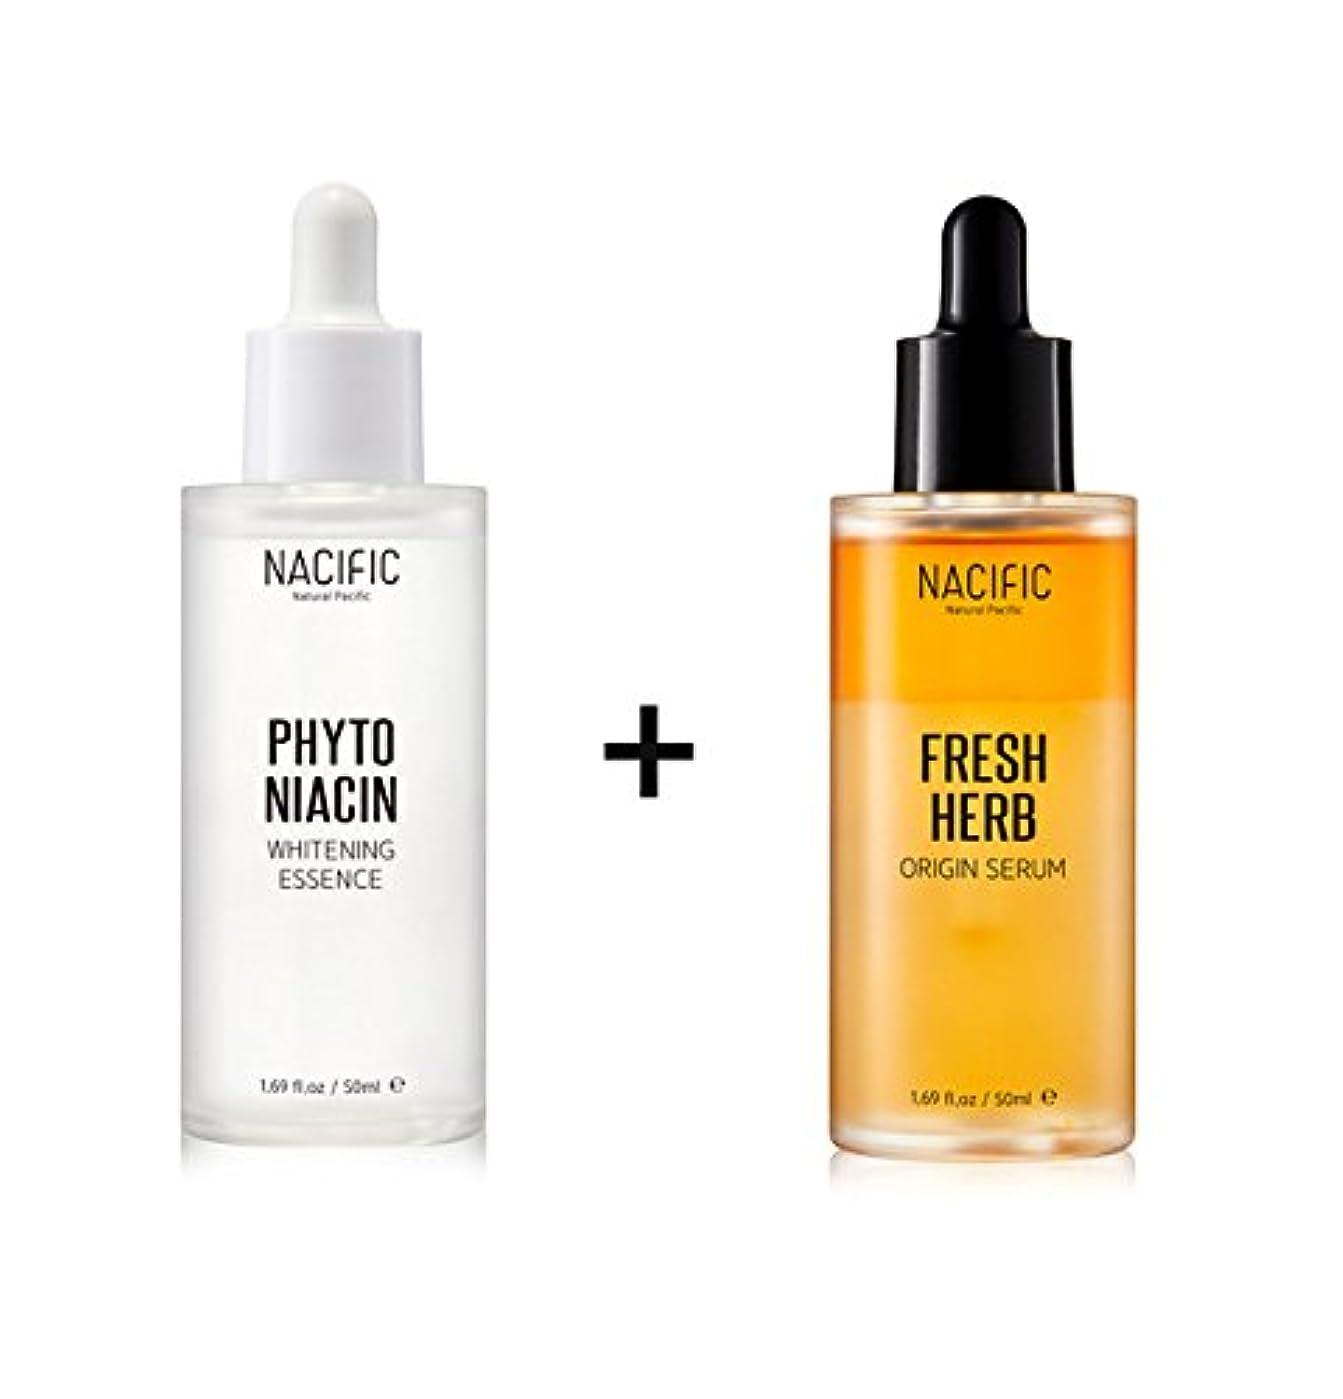 泳ぐ意志なんでも[Renewal] NACIFIC Fresh Herb Origin Serum 50ml + Phyto Niacin Whitening Essence 50ml/ナシフィック フレッシュ ハーブ オリジン セラム...